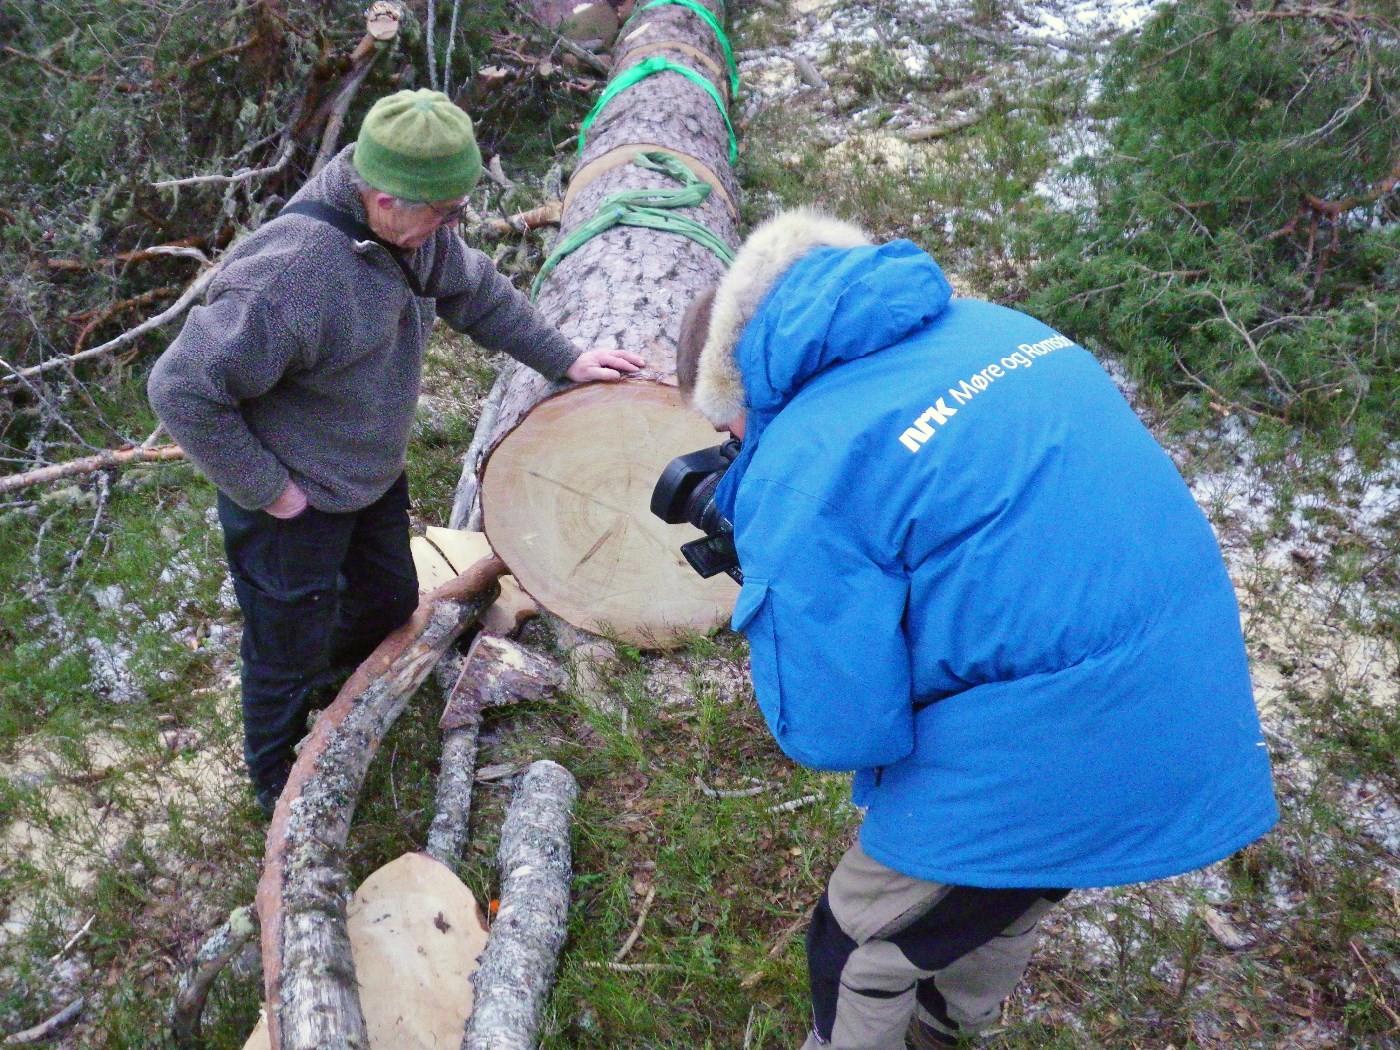 Jon Bojer Godal rekna over 200 årringar på stortåilla i Øyalia tidlegare i vinter.  Foto: Jon Bruset